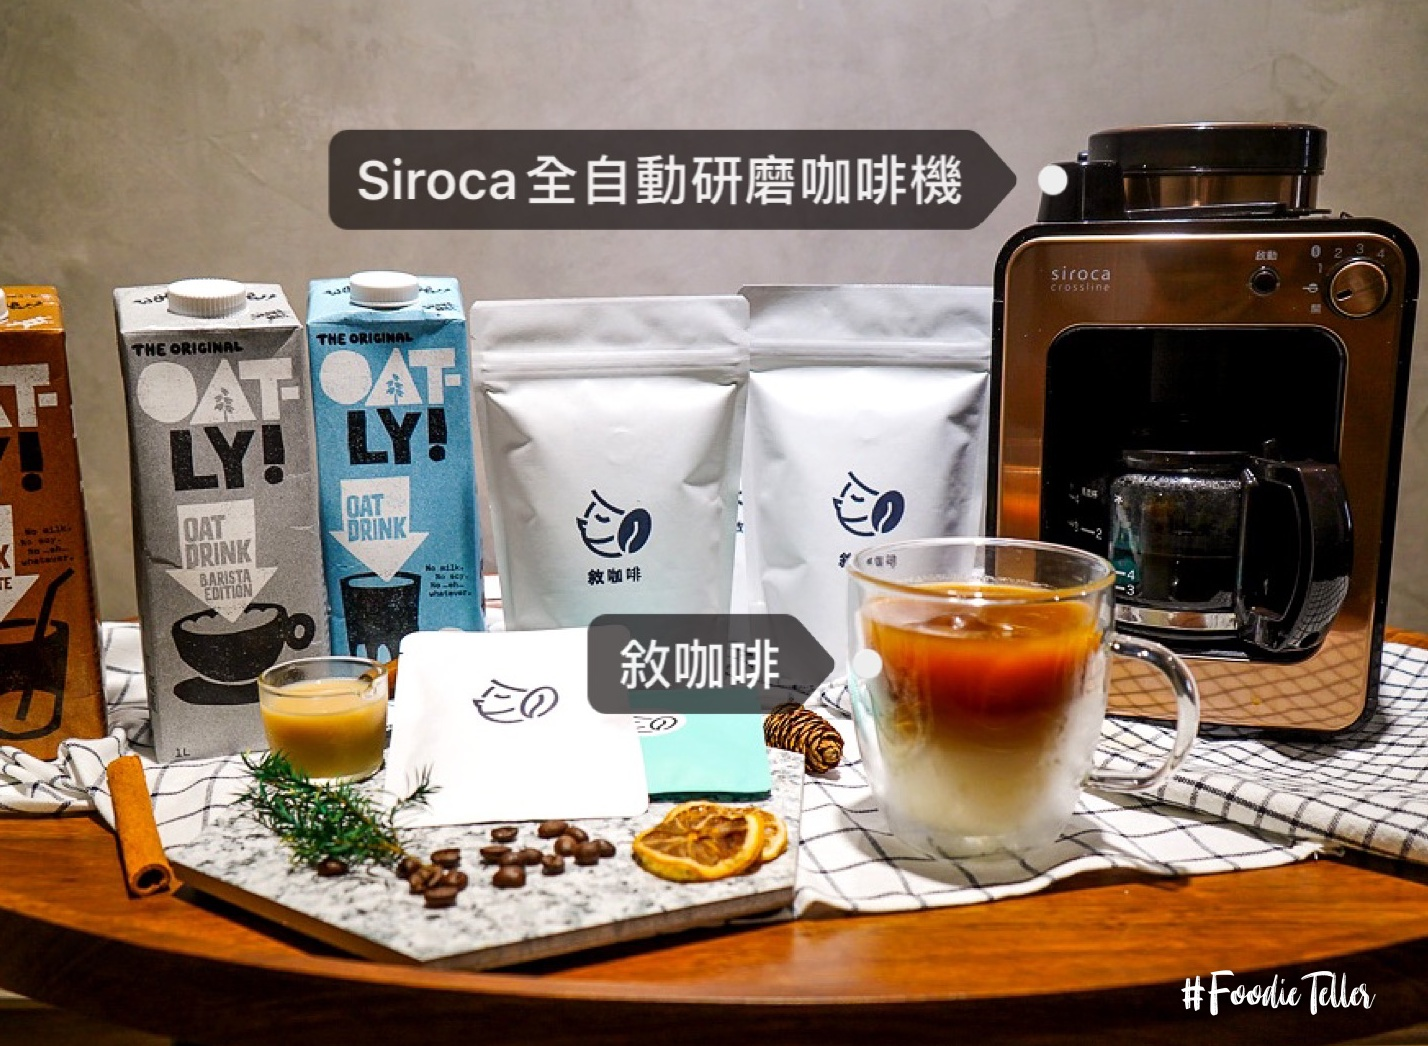 全自動咖啡機推薦開箱Siroca|敘咖啡配上瑞典Oatly燕麥奶根本懶人絕配!